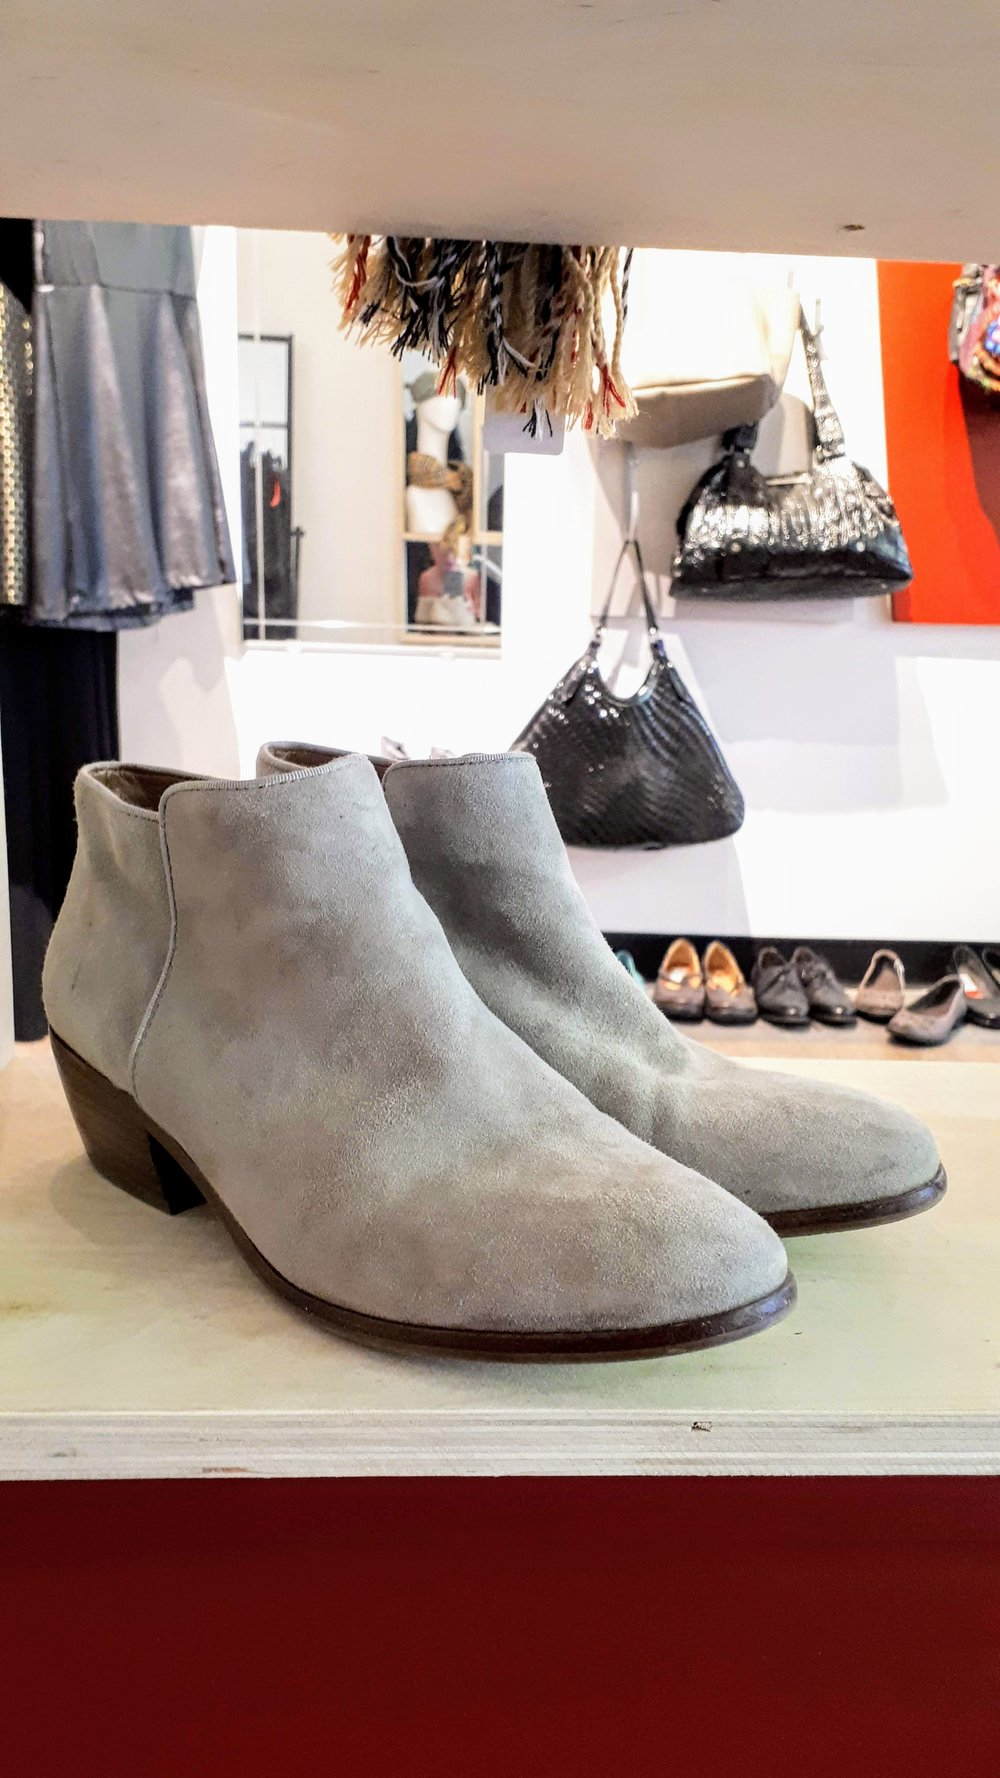 Sam Edelman shoes; S8.5, $68